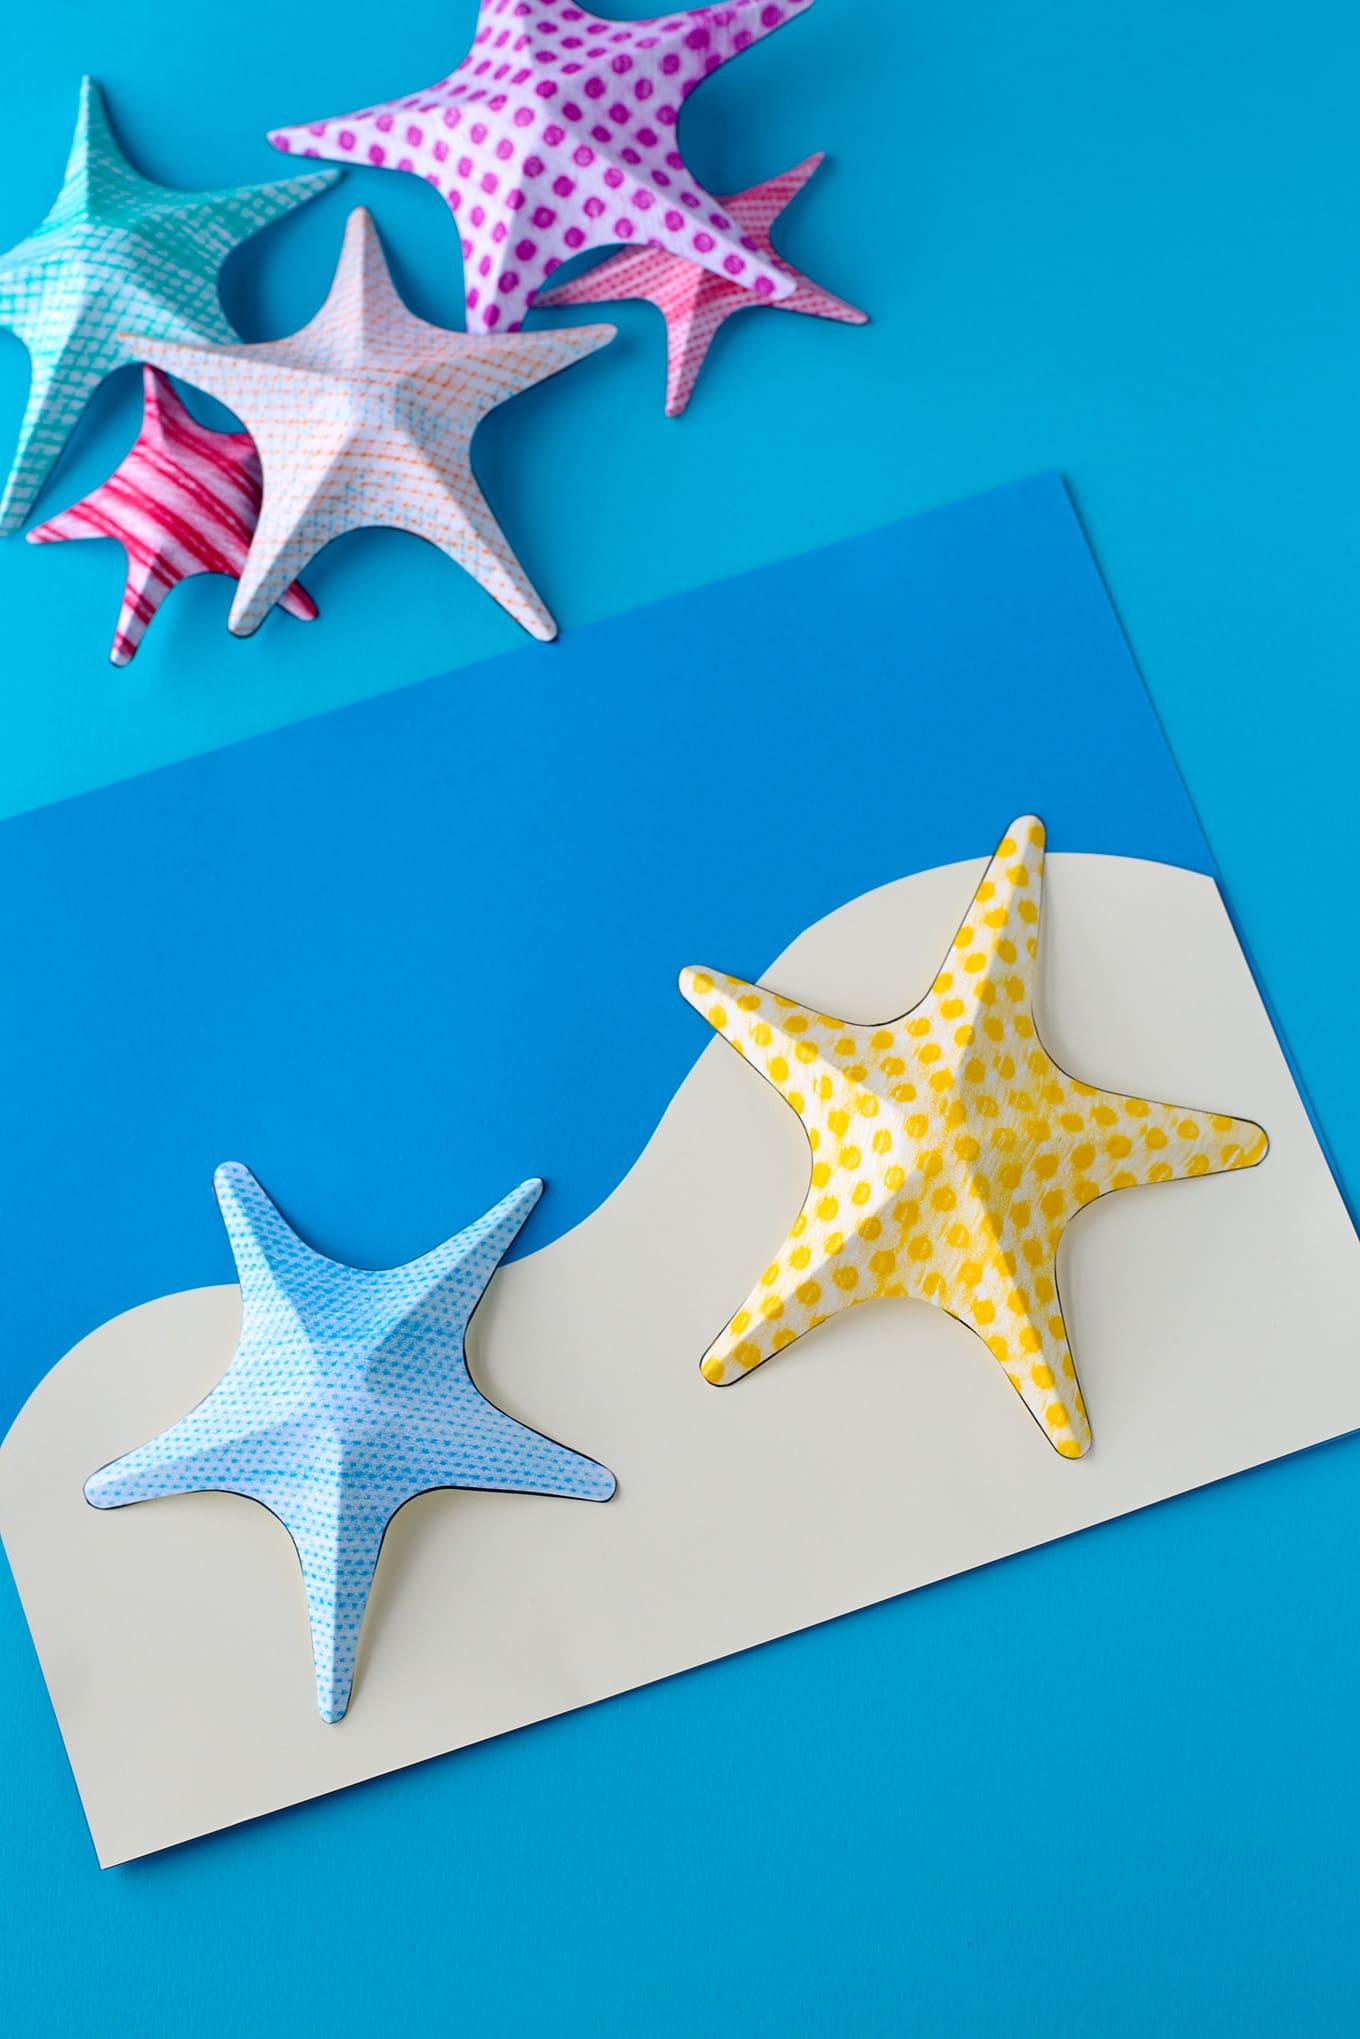 Starfish Texture Art